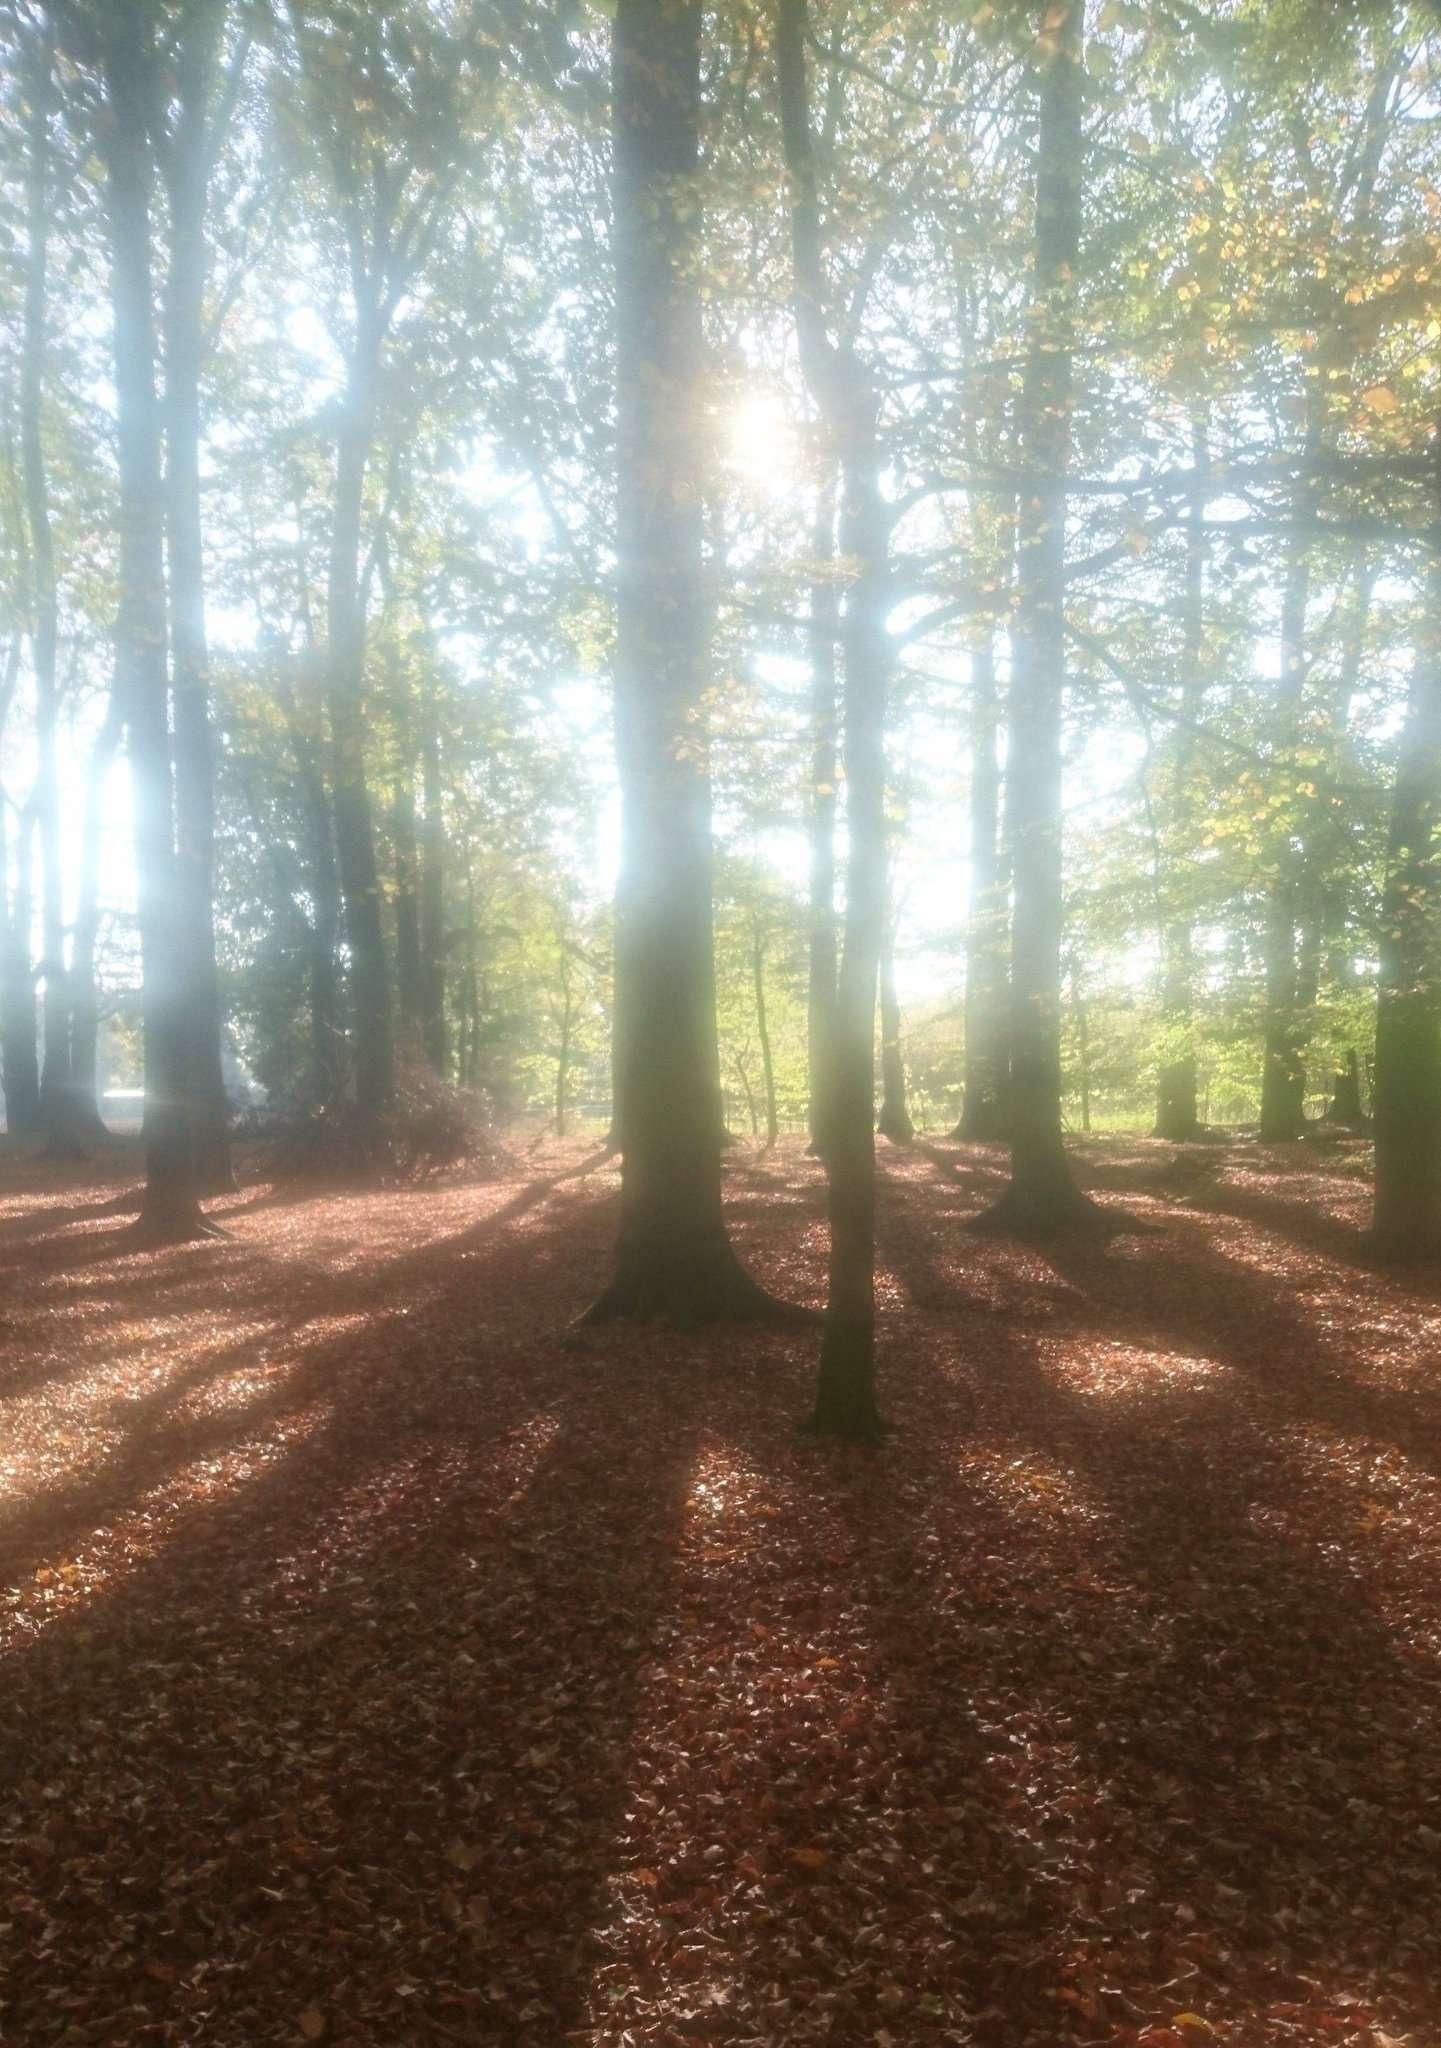 Heino Peters möchte den Schulwald für die Öffentlichkeit erhalten. Foto: Jens Lou00ebs